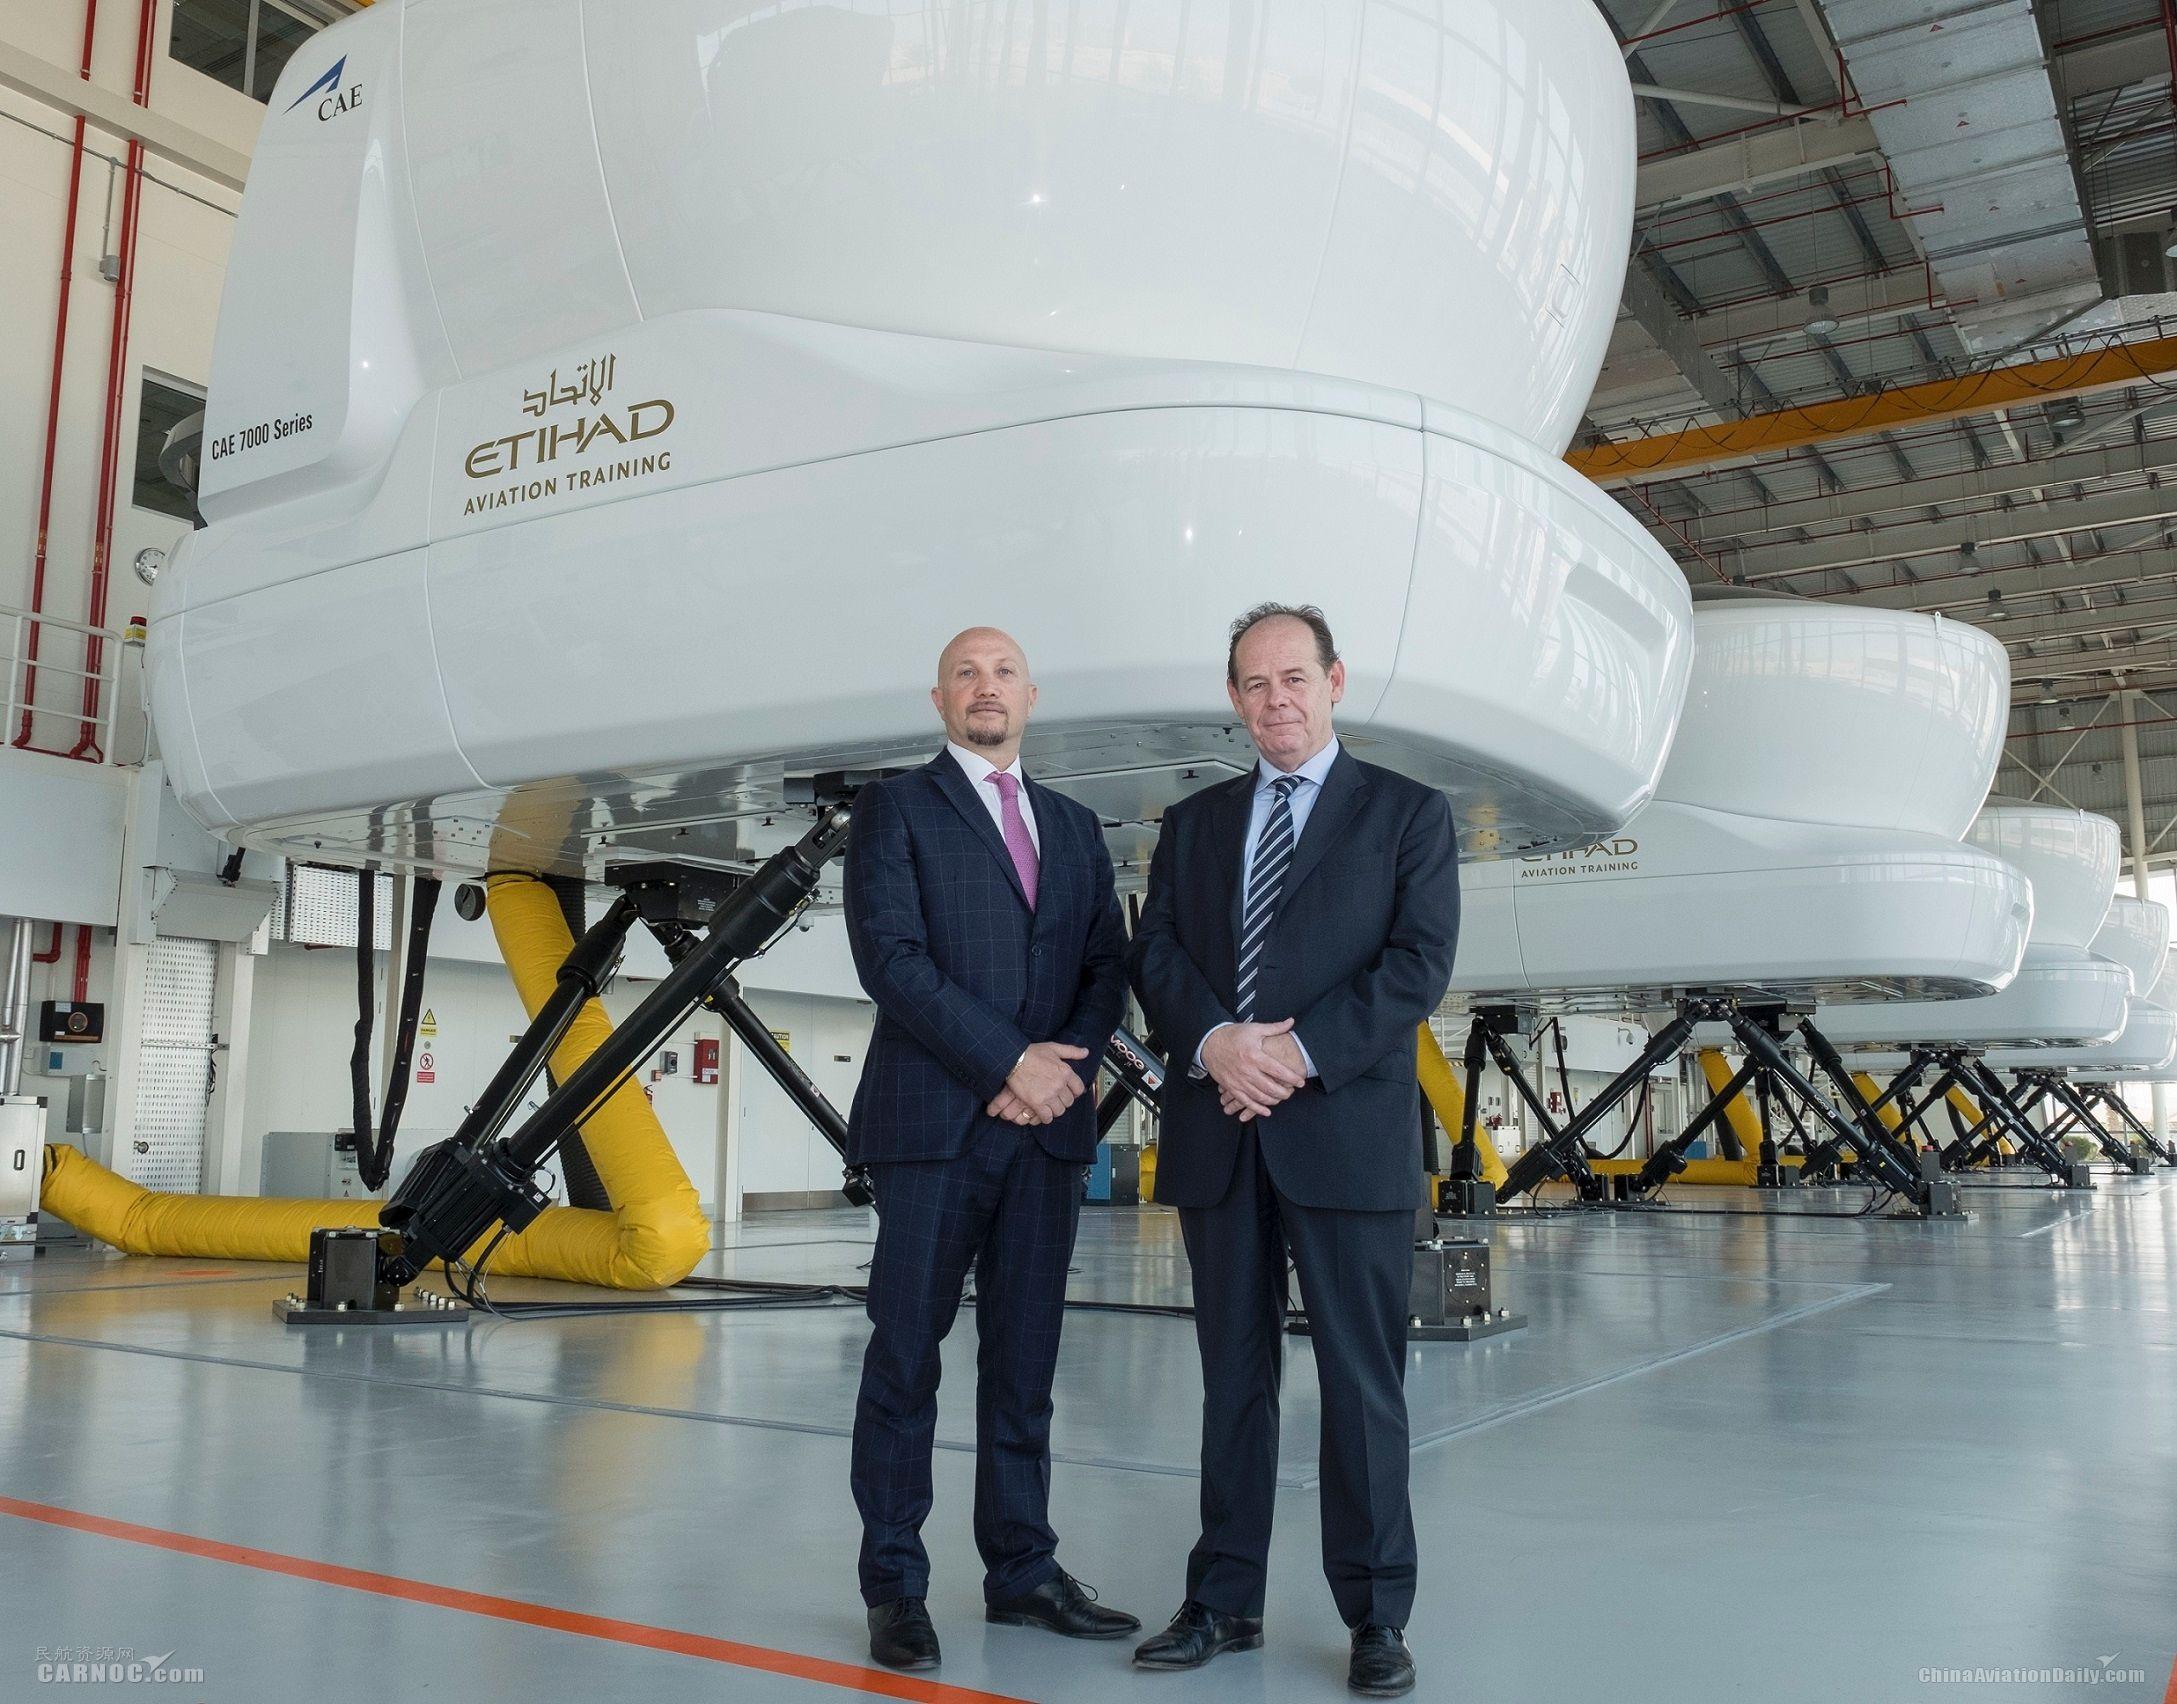 阿提哈德航空培训部重启 首次为外部客户提供服务